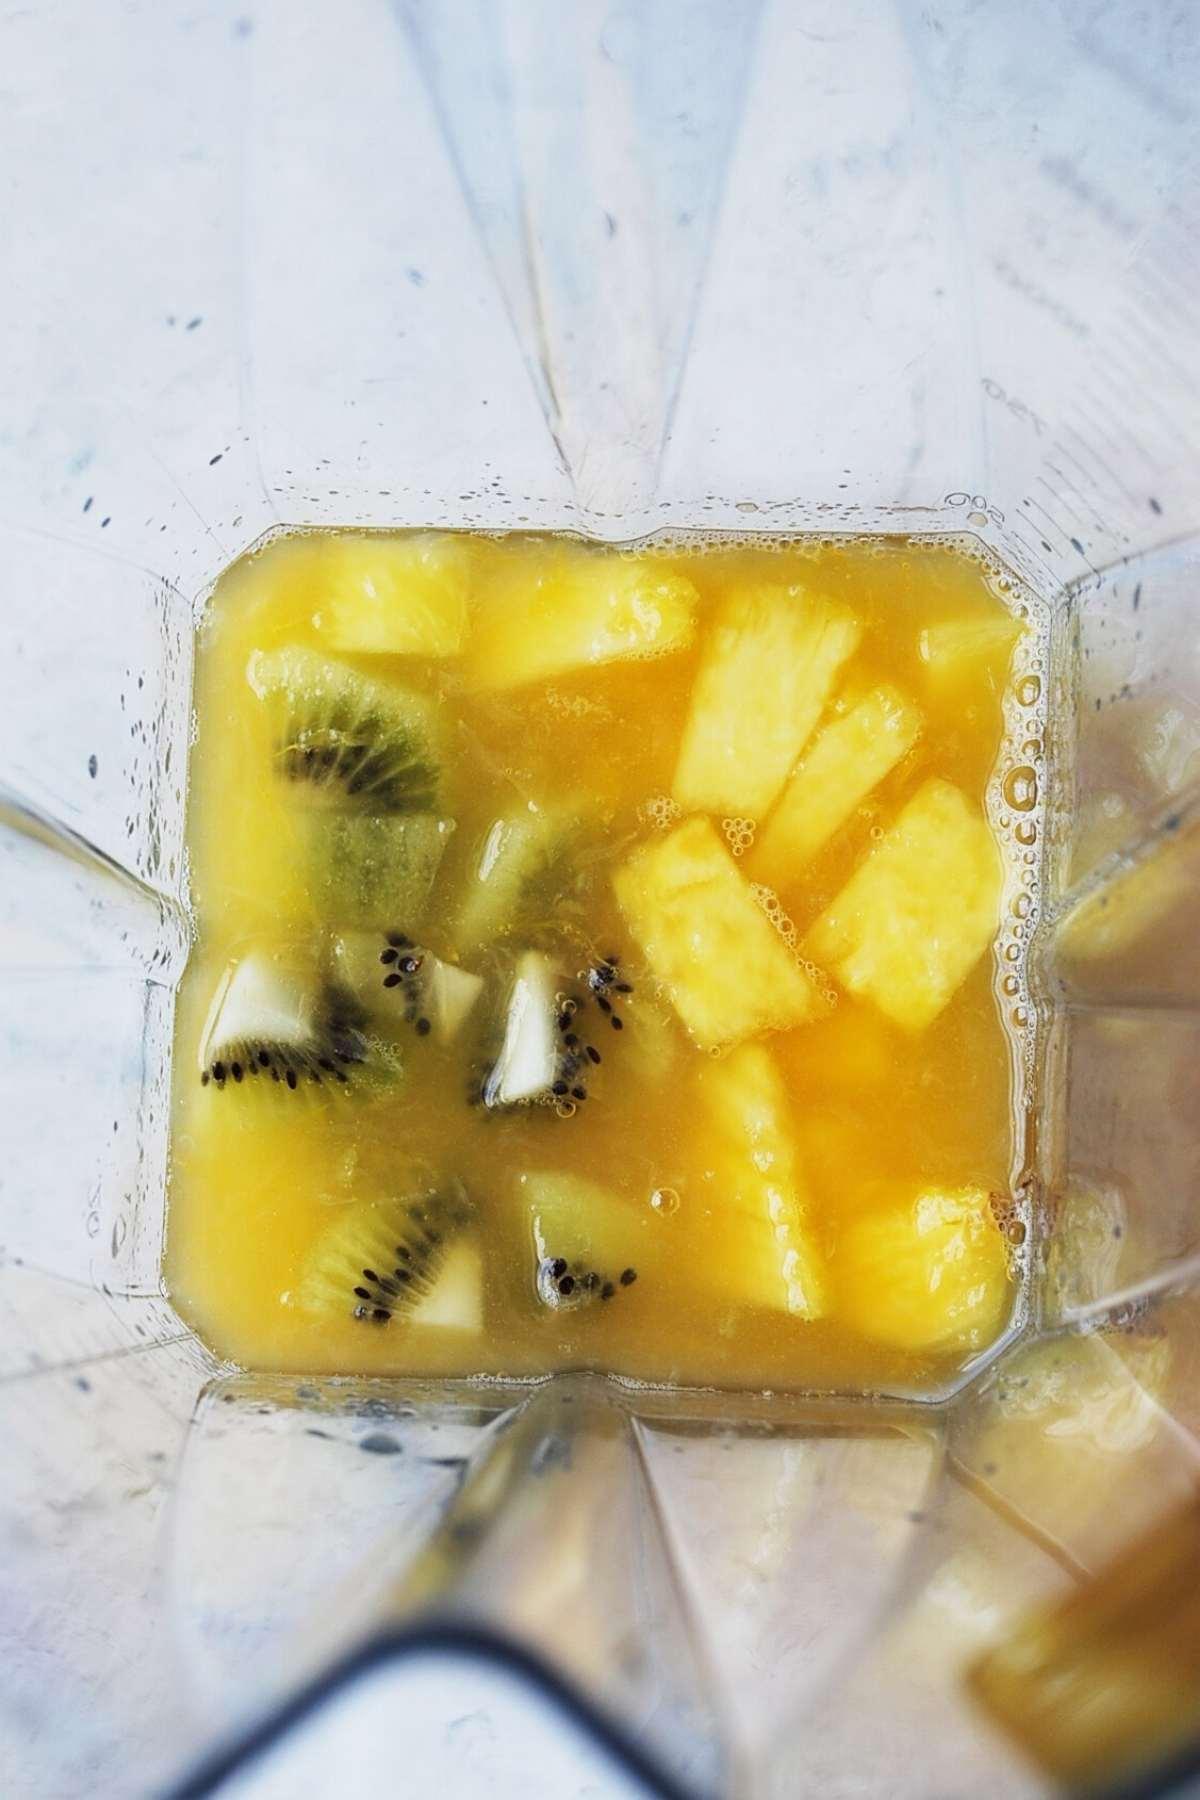 tropical fruit in a blender jar